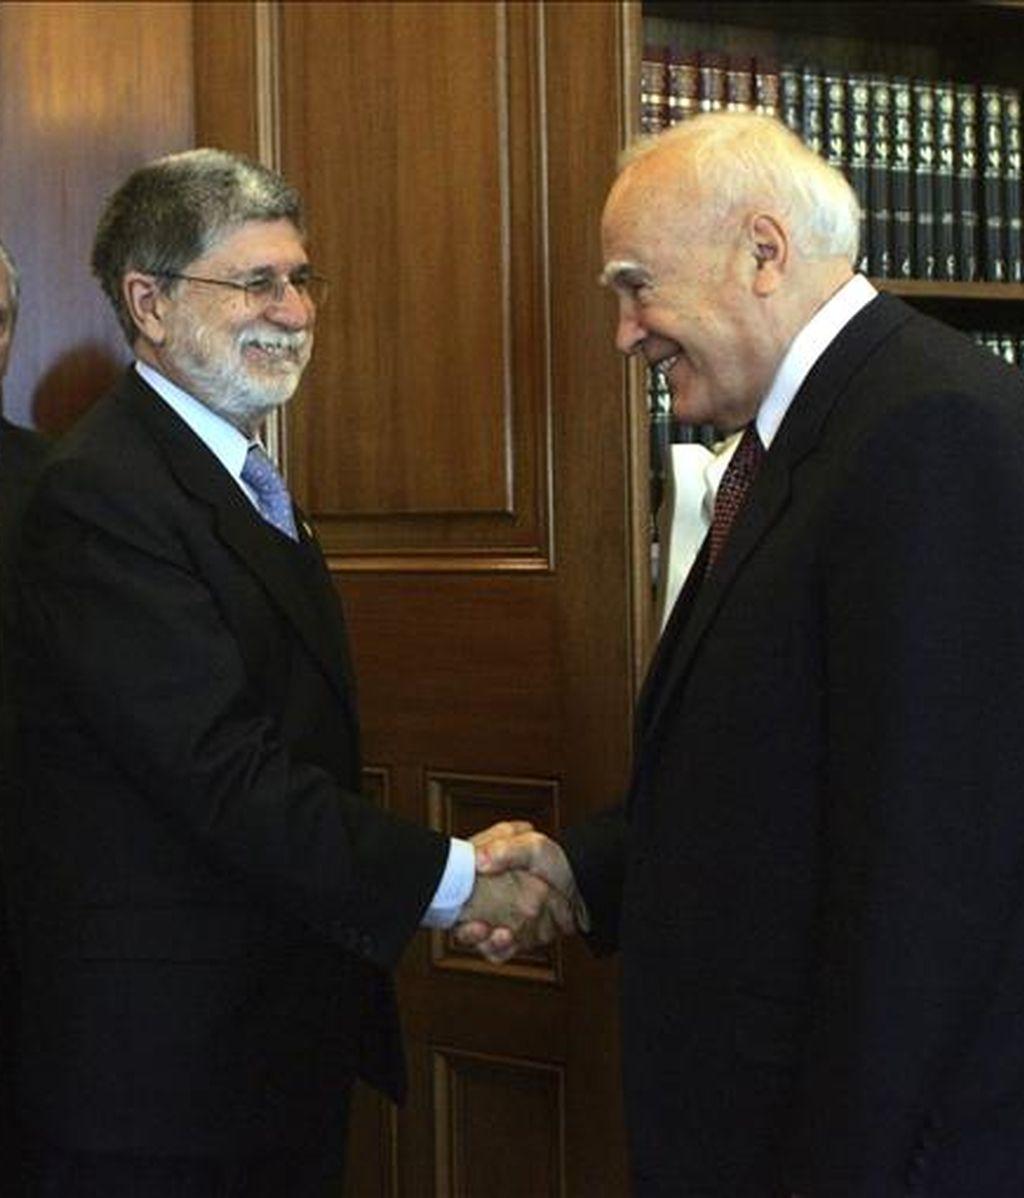 El presidente griego, Karolos Papoulias (dcha), estrecha la mano del ministro de Asuntos Exteriores de Brasil, Celso Amorim (izq), durante su encuentro en Atenas, Grecia, el pasado viernes, 3 de abril. EFE